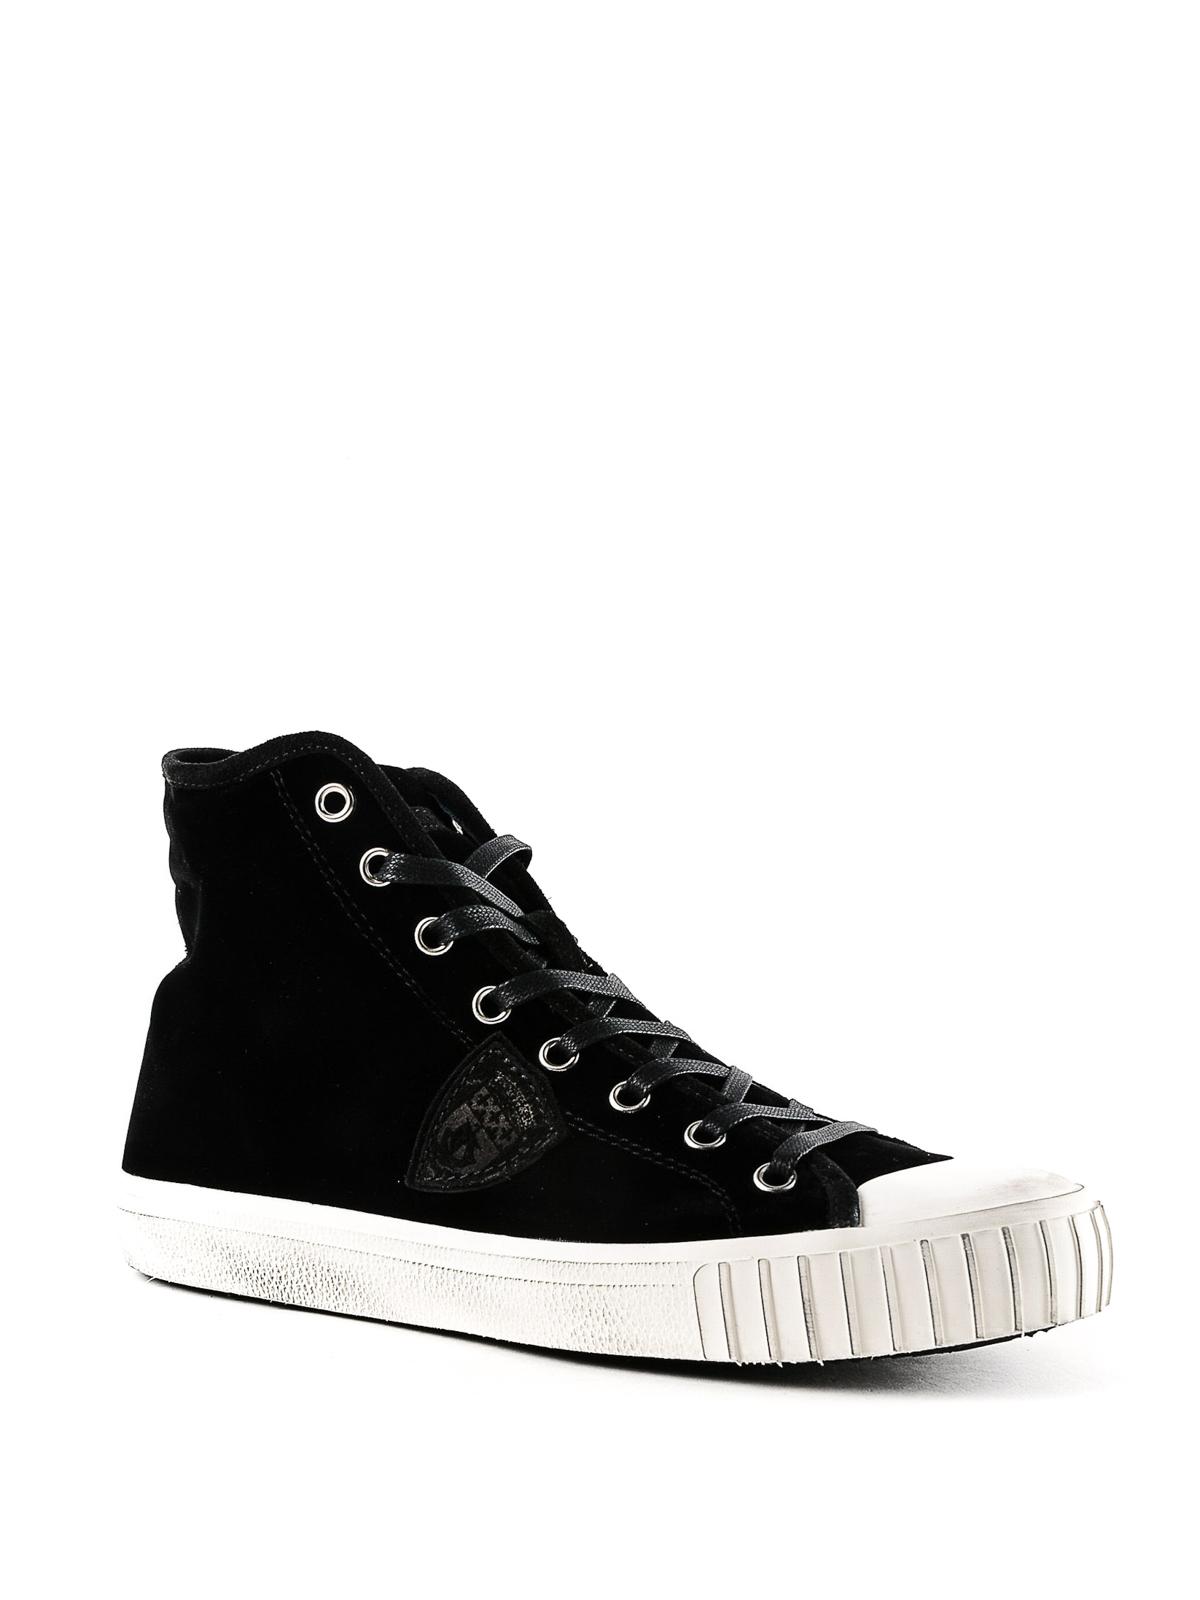 Sneakers Grhuev08 Velvet Philippe Model Sneaker En Pn80wkO